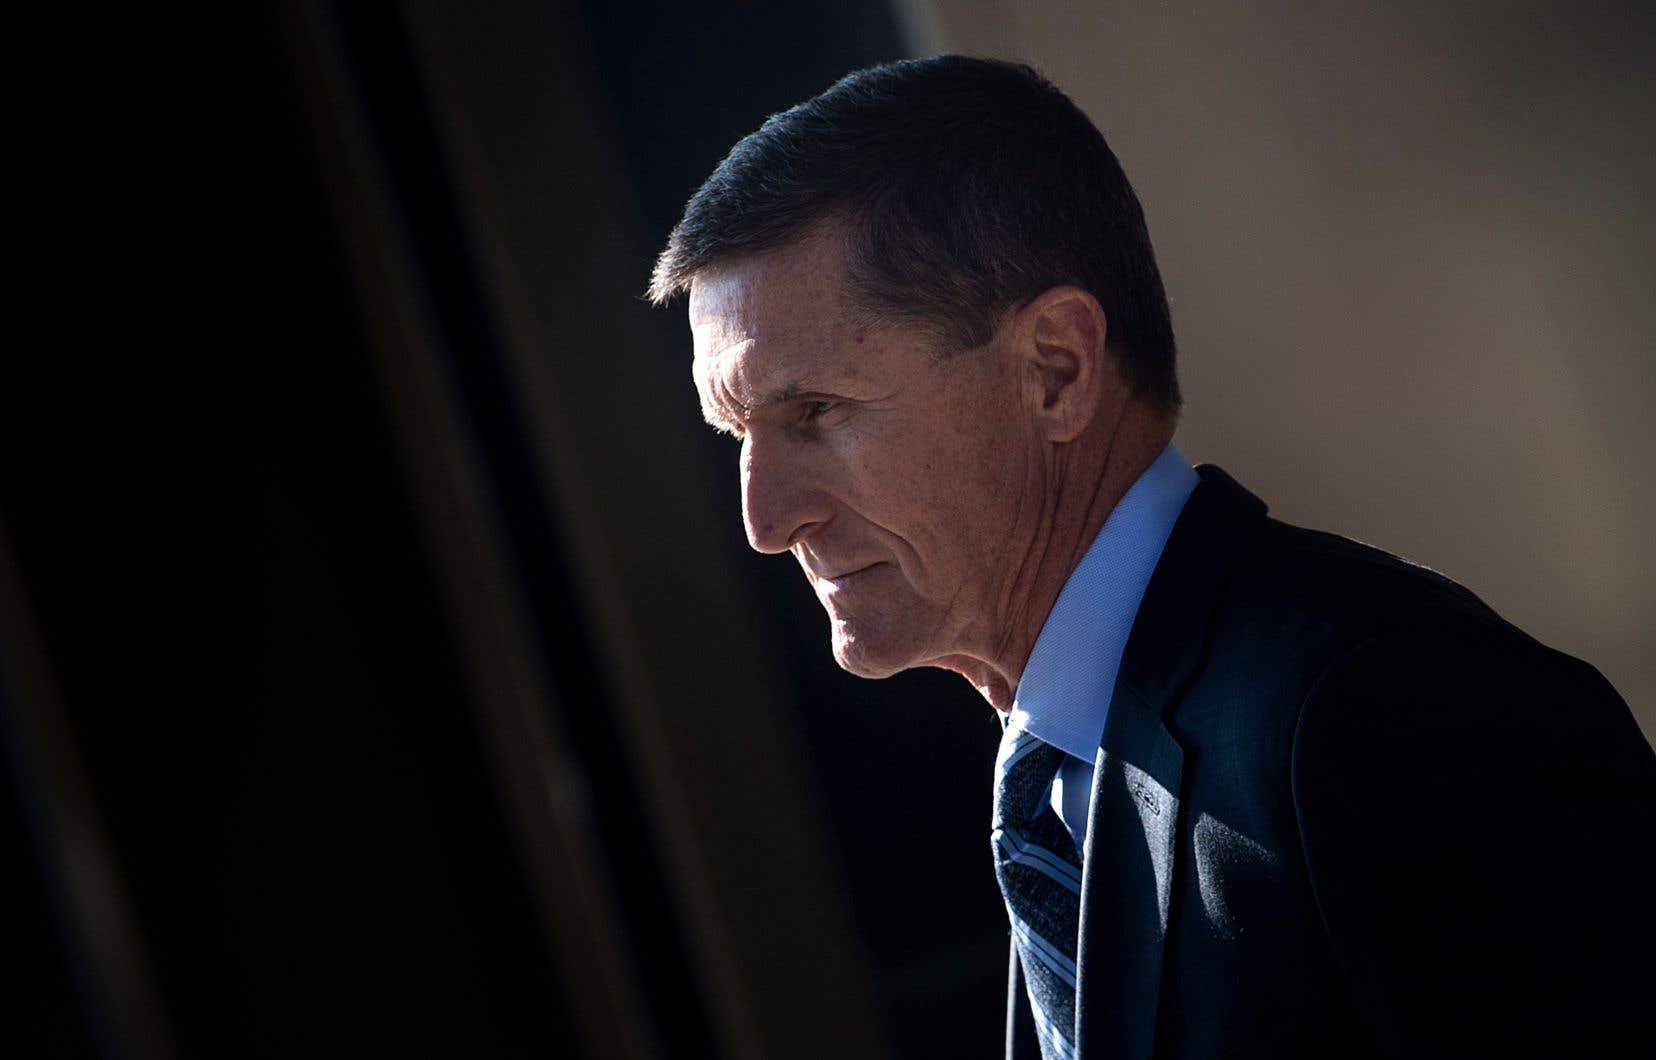 L'ancien conseiller de Donald Trump, Michael Flynn, avait accepté de plaider coupable de parjure et de coopérer avec l'enquête russe.